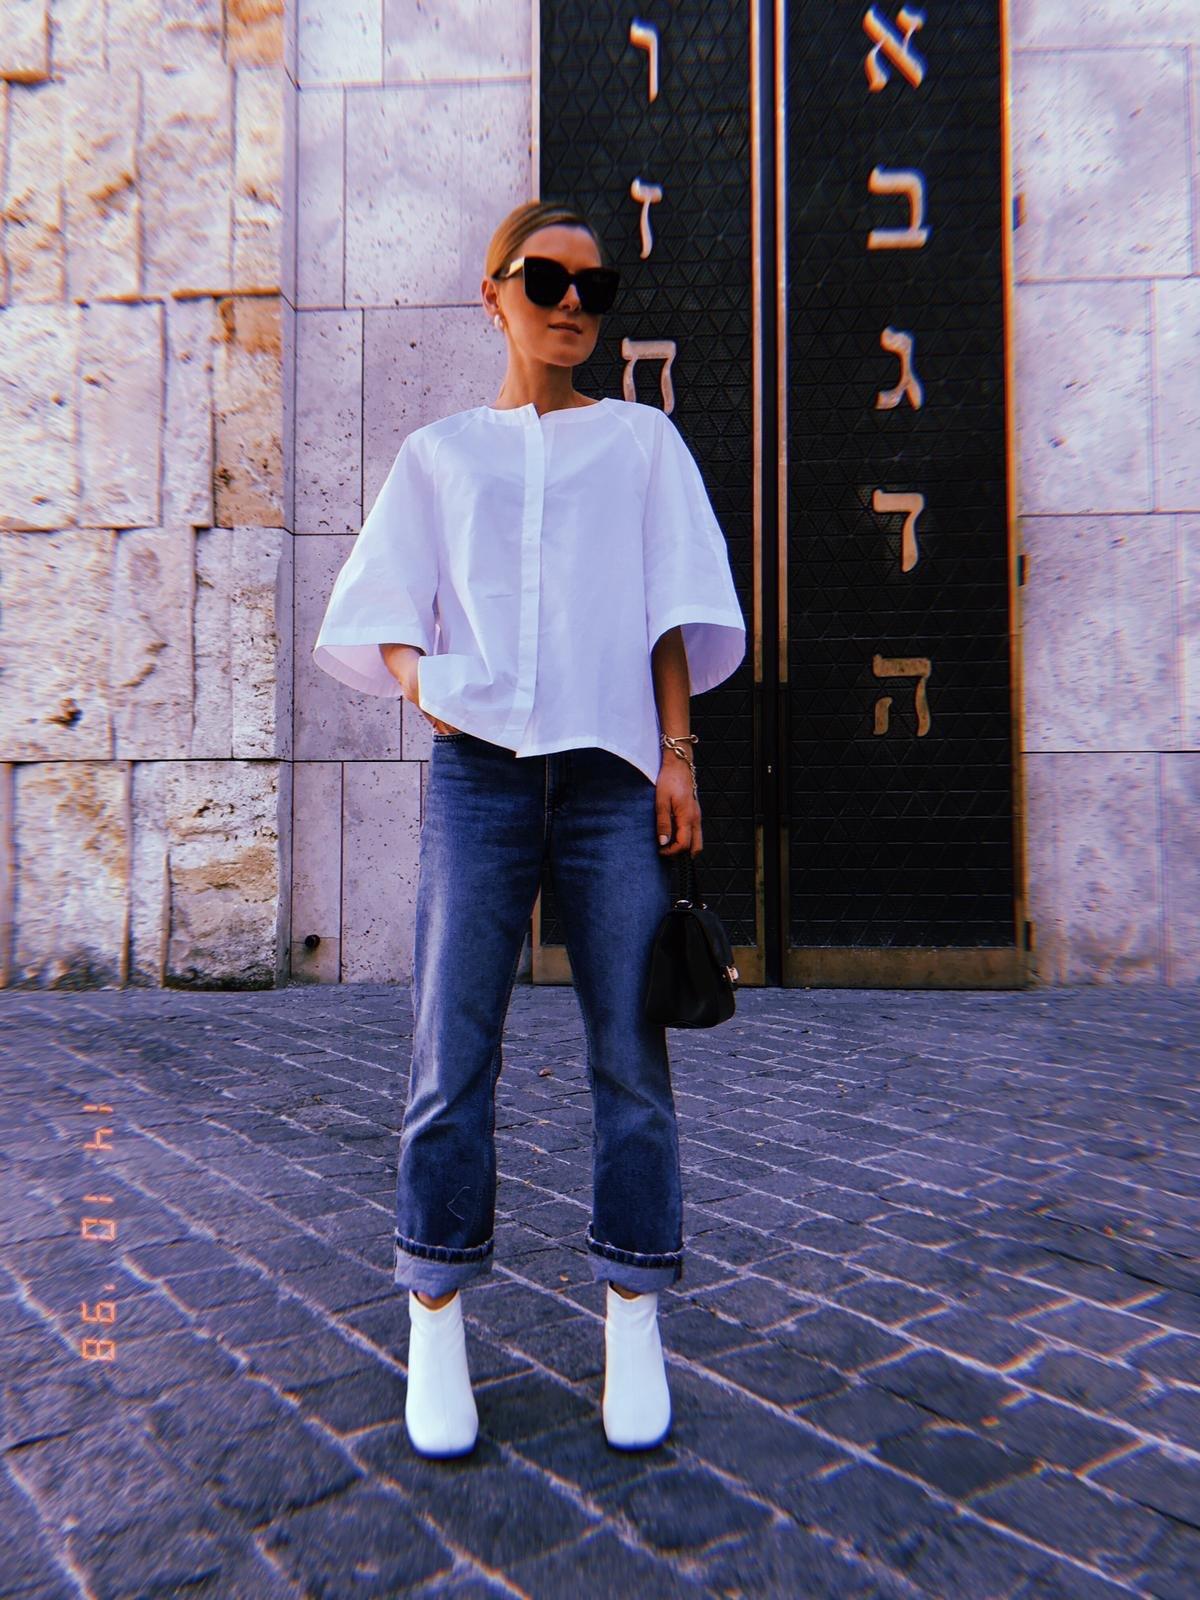 Anna Borisovna fashion Blogger style